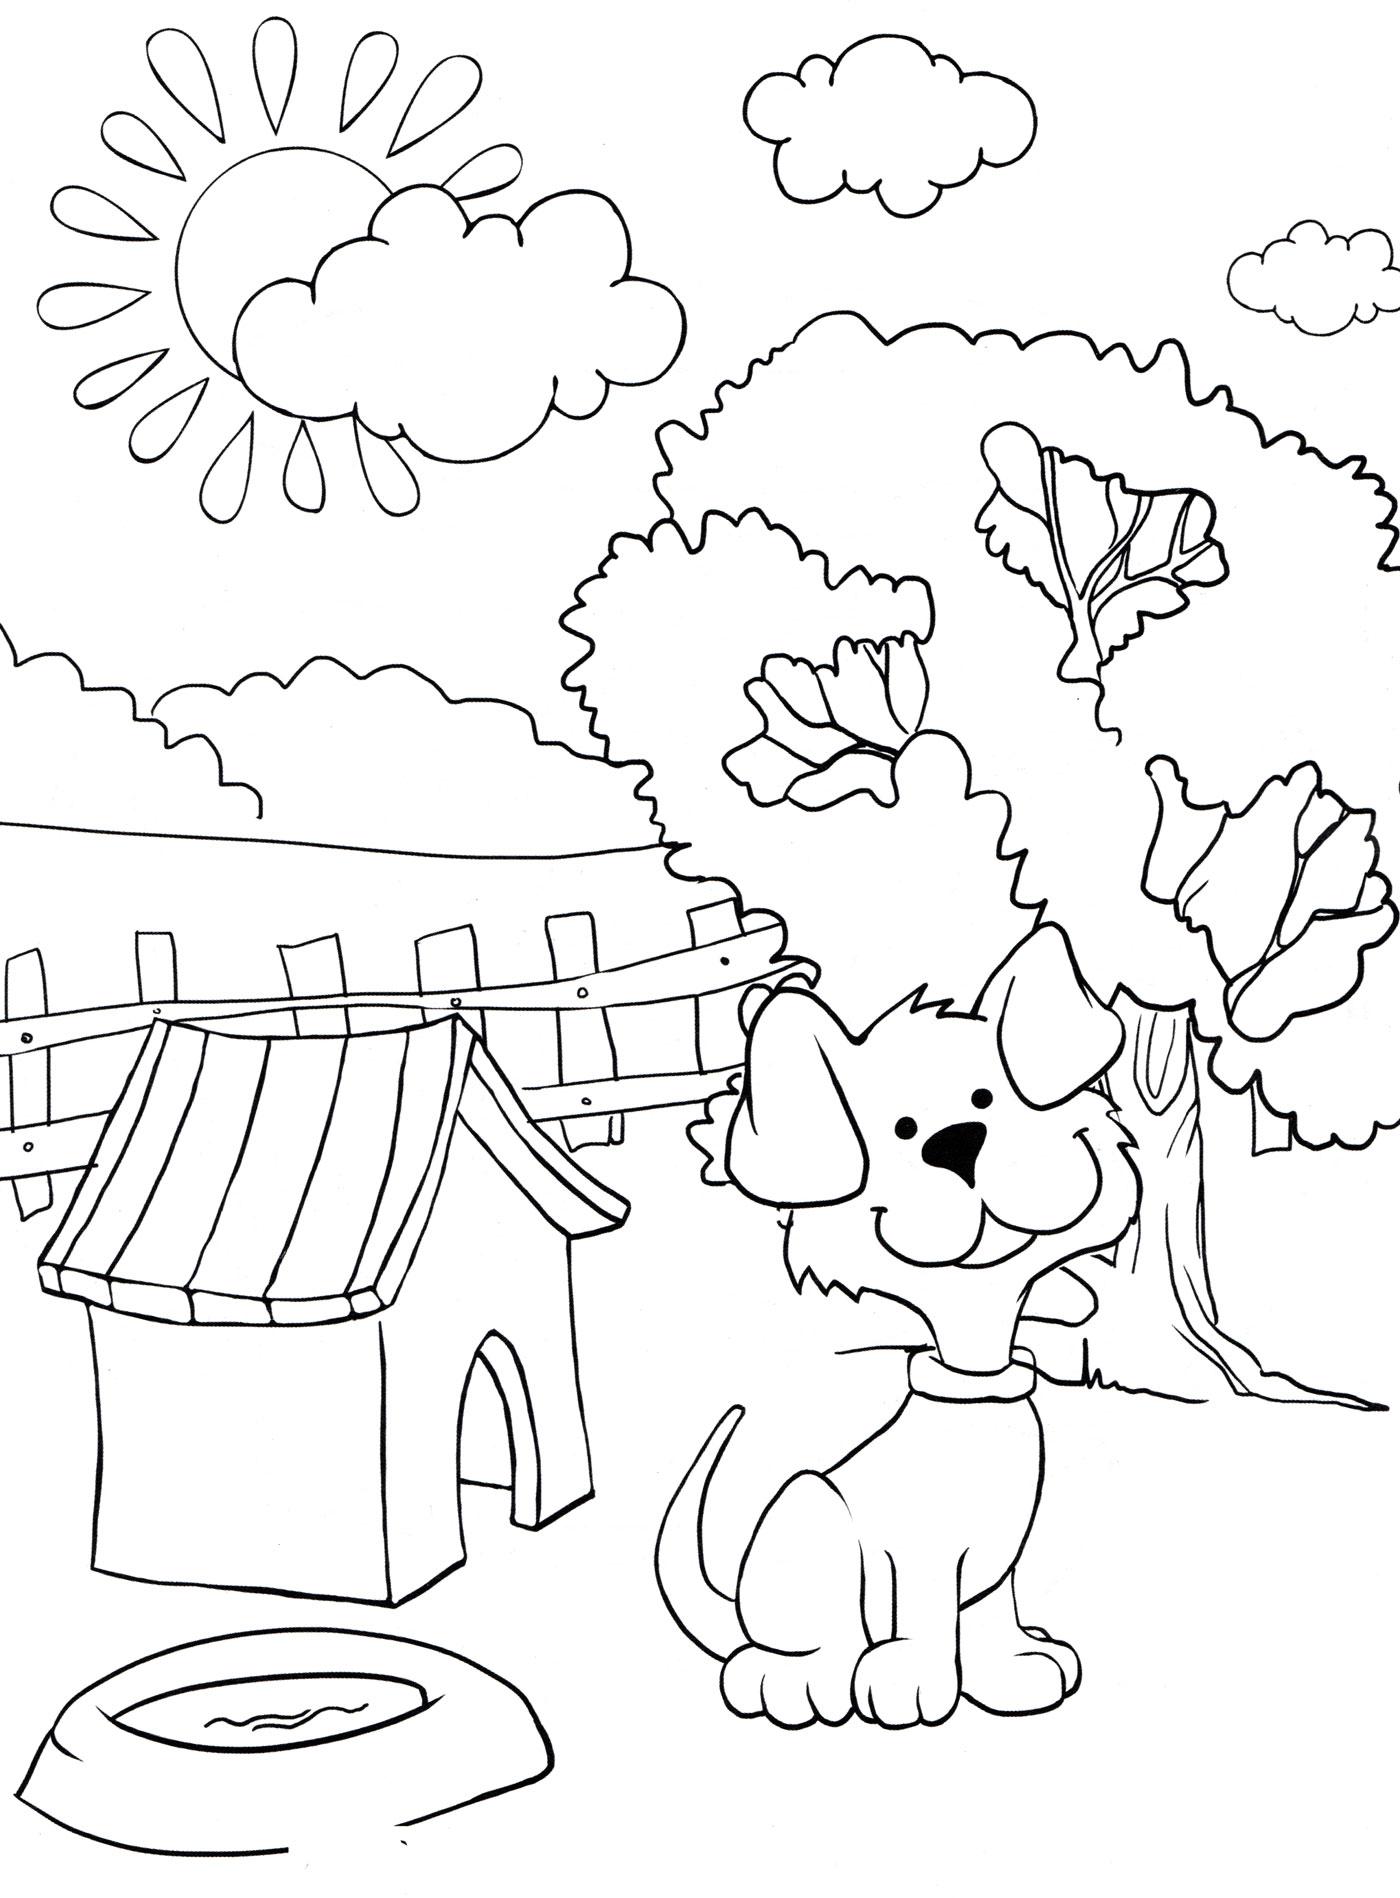 Раскраска Собака около будки - распечатать бесплатно